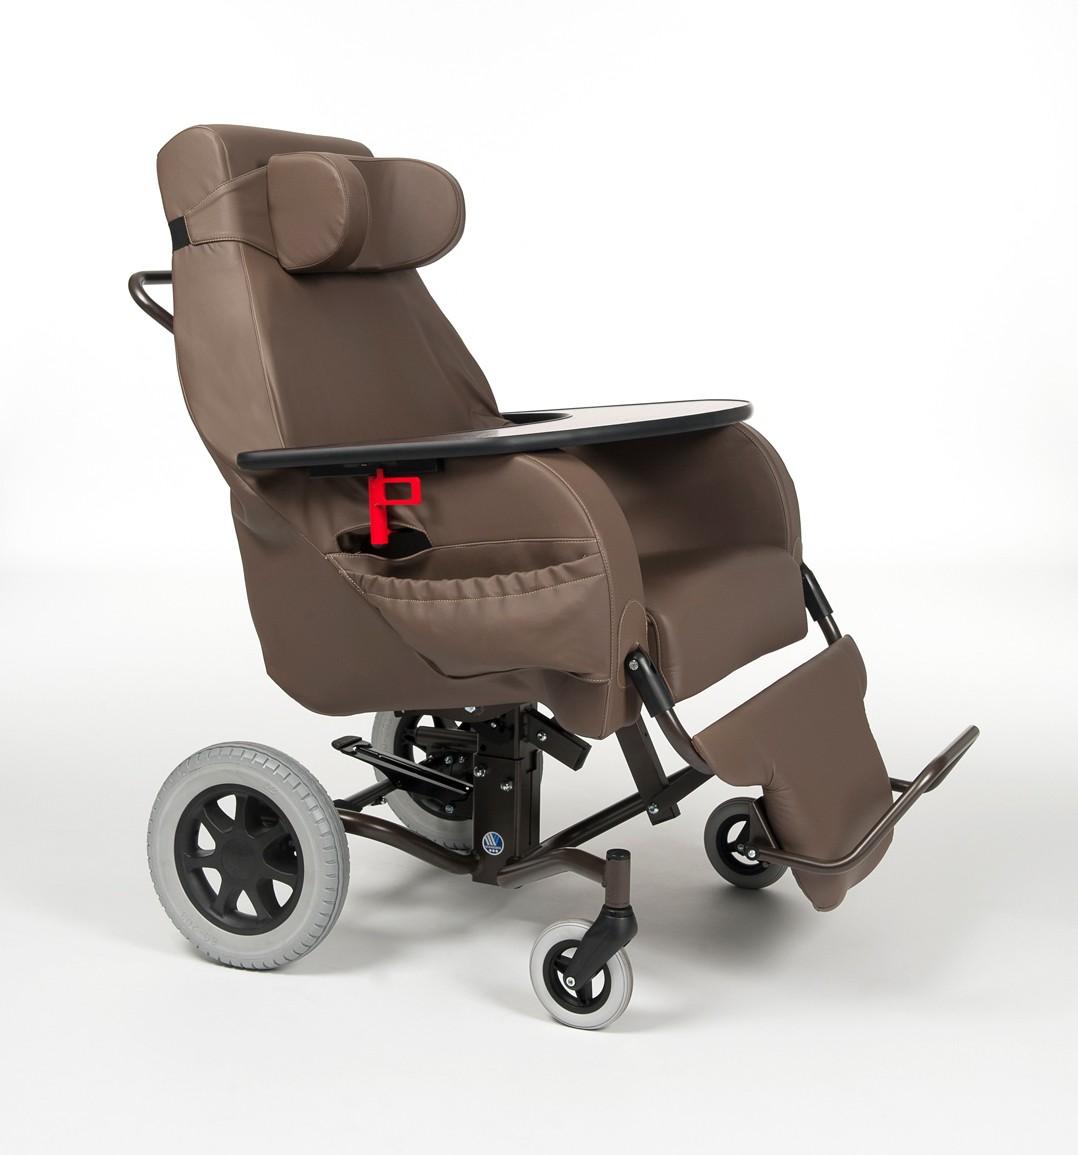 Wózek specjalny pielęgnacyjny ELIOS